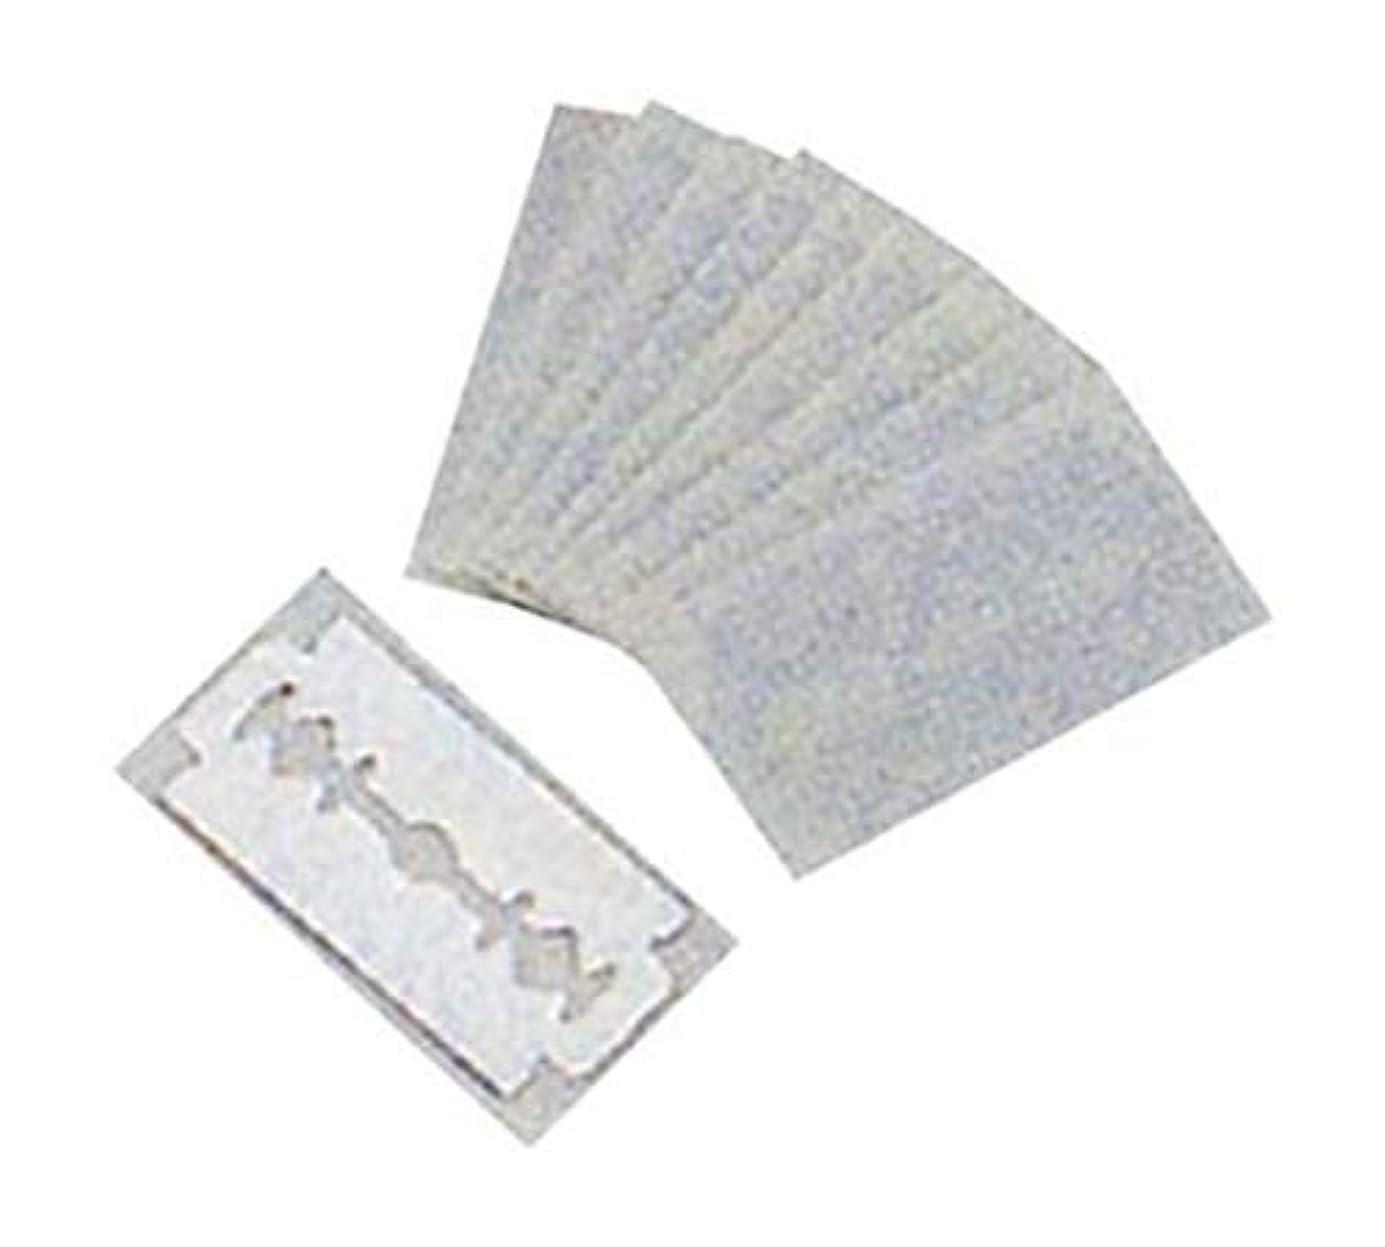 ピアノペッカディロ岩アズワン カミソリ刃(両刃)10枚入 B43-1SW/61-6682-06